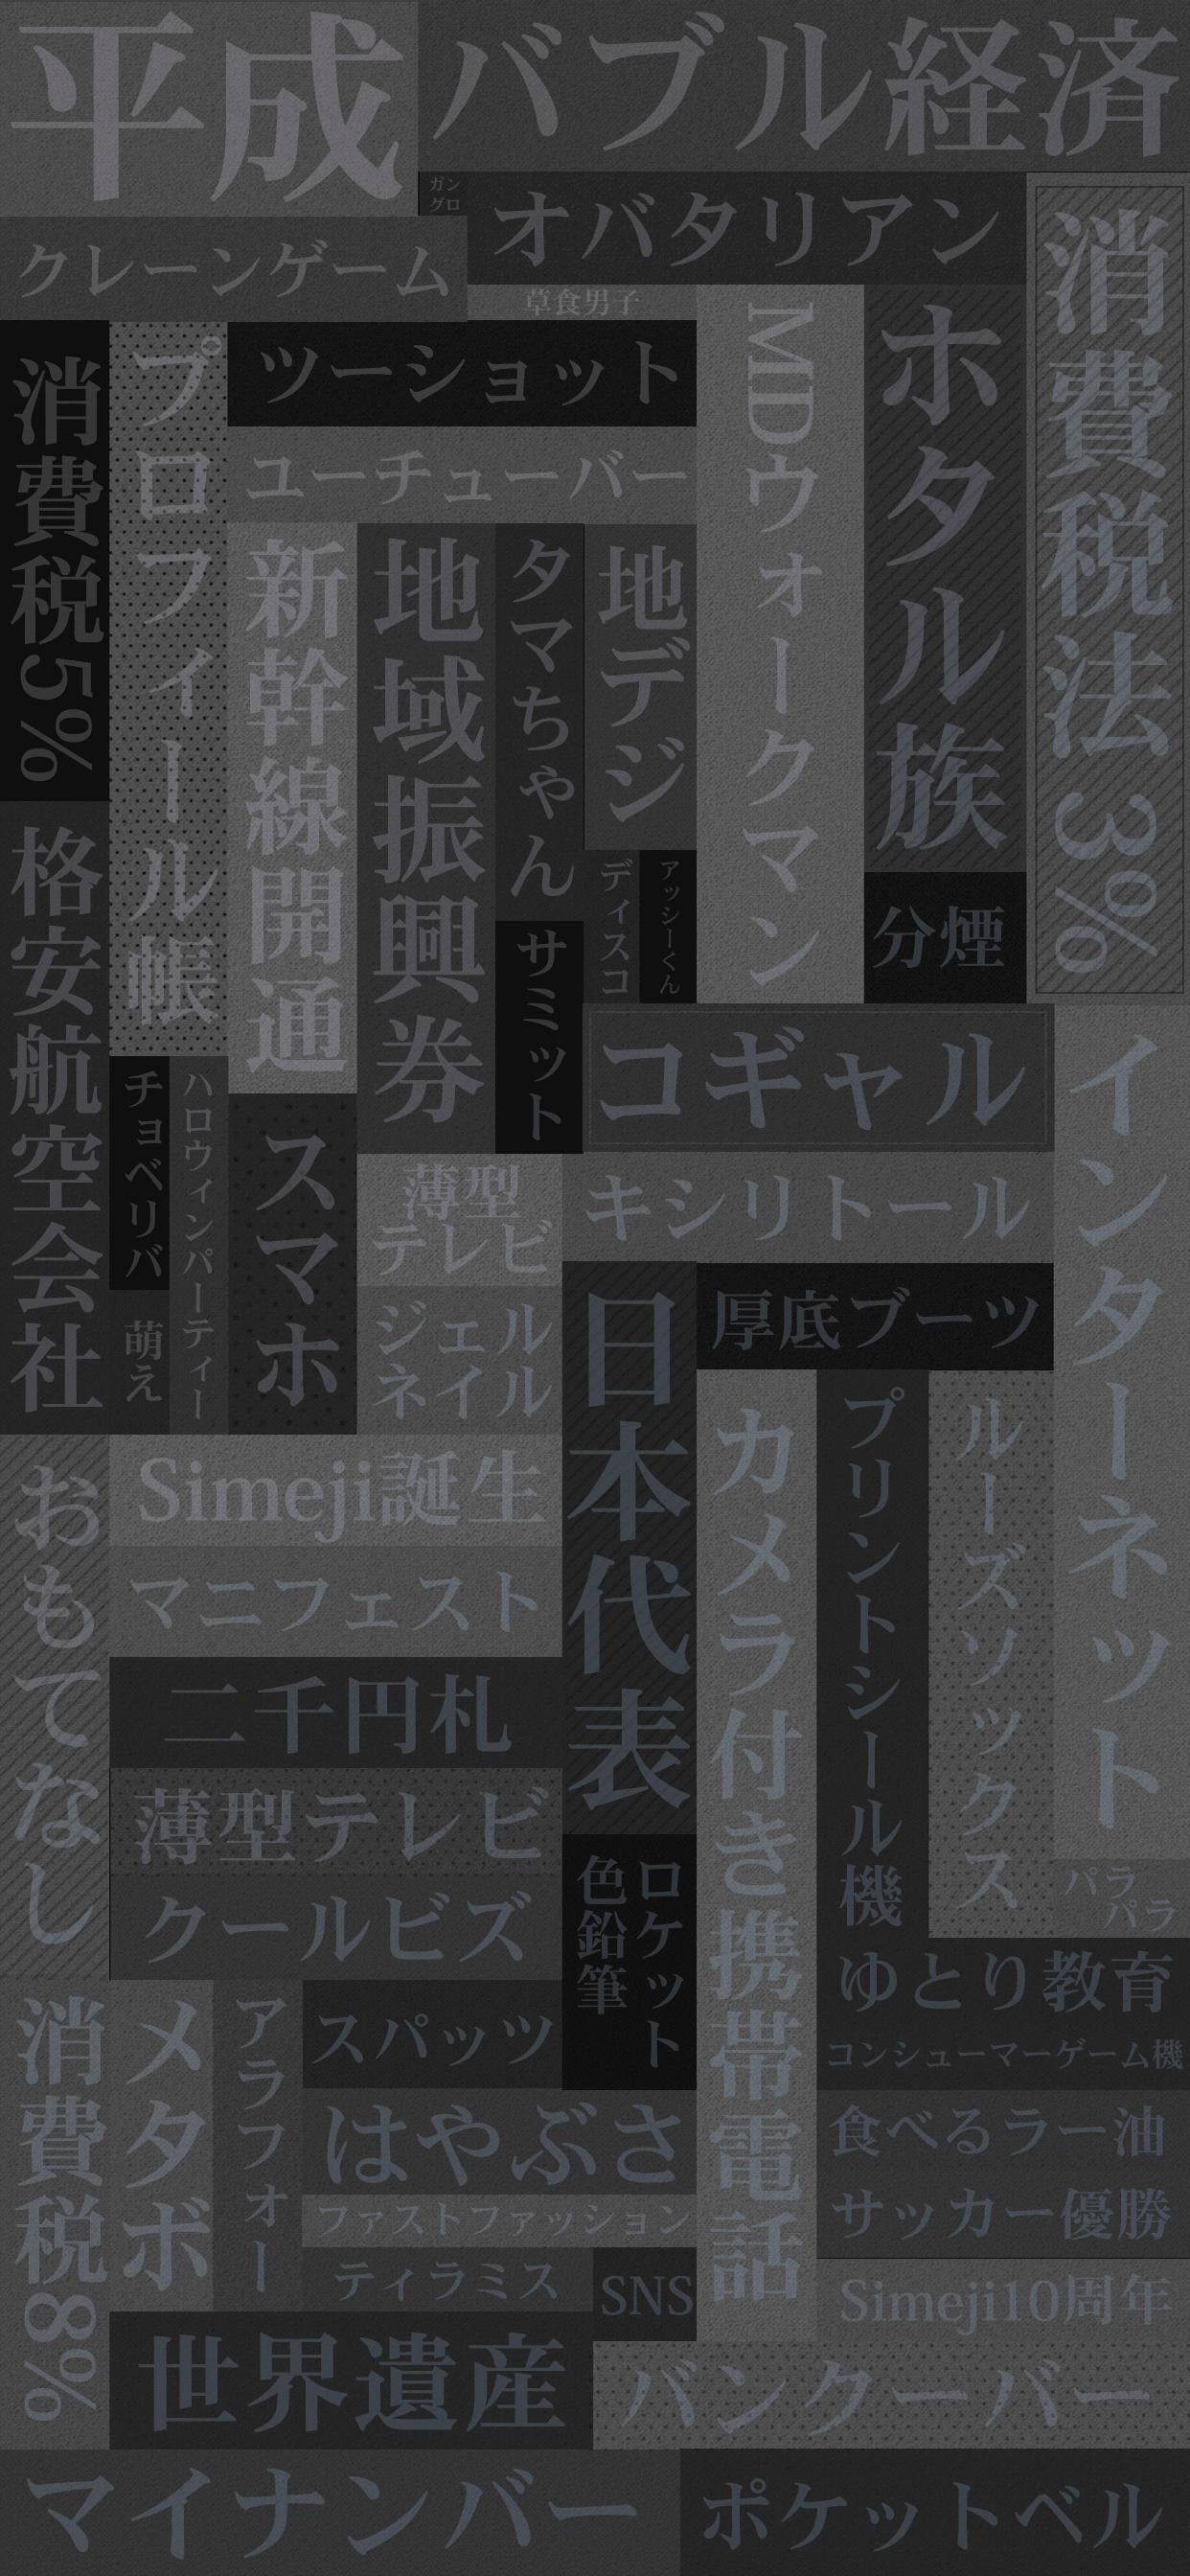 平成で起きた出来事をキーワード化した背景画像モノトーン